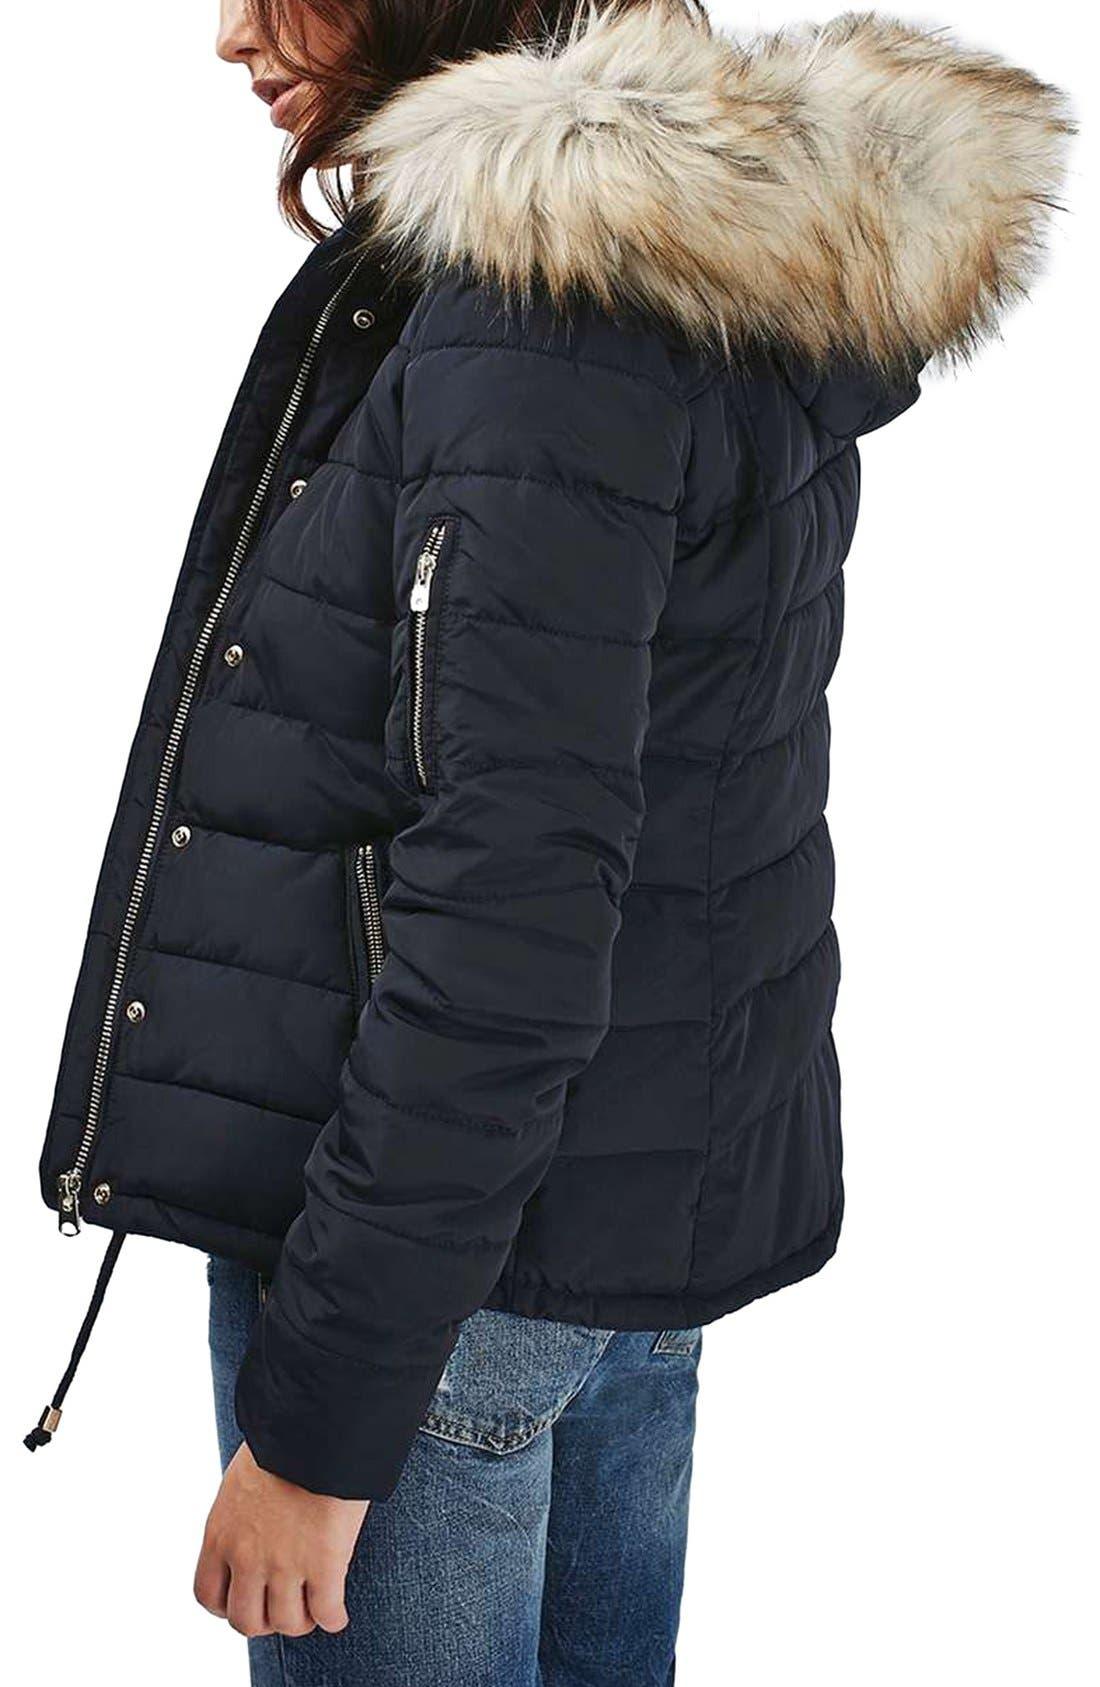 Topshop Woody Faux Fur Hood Puffer Jacket | Nordstrom